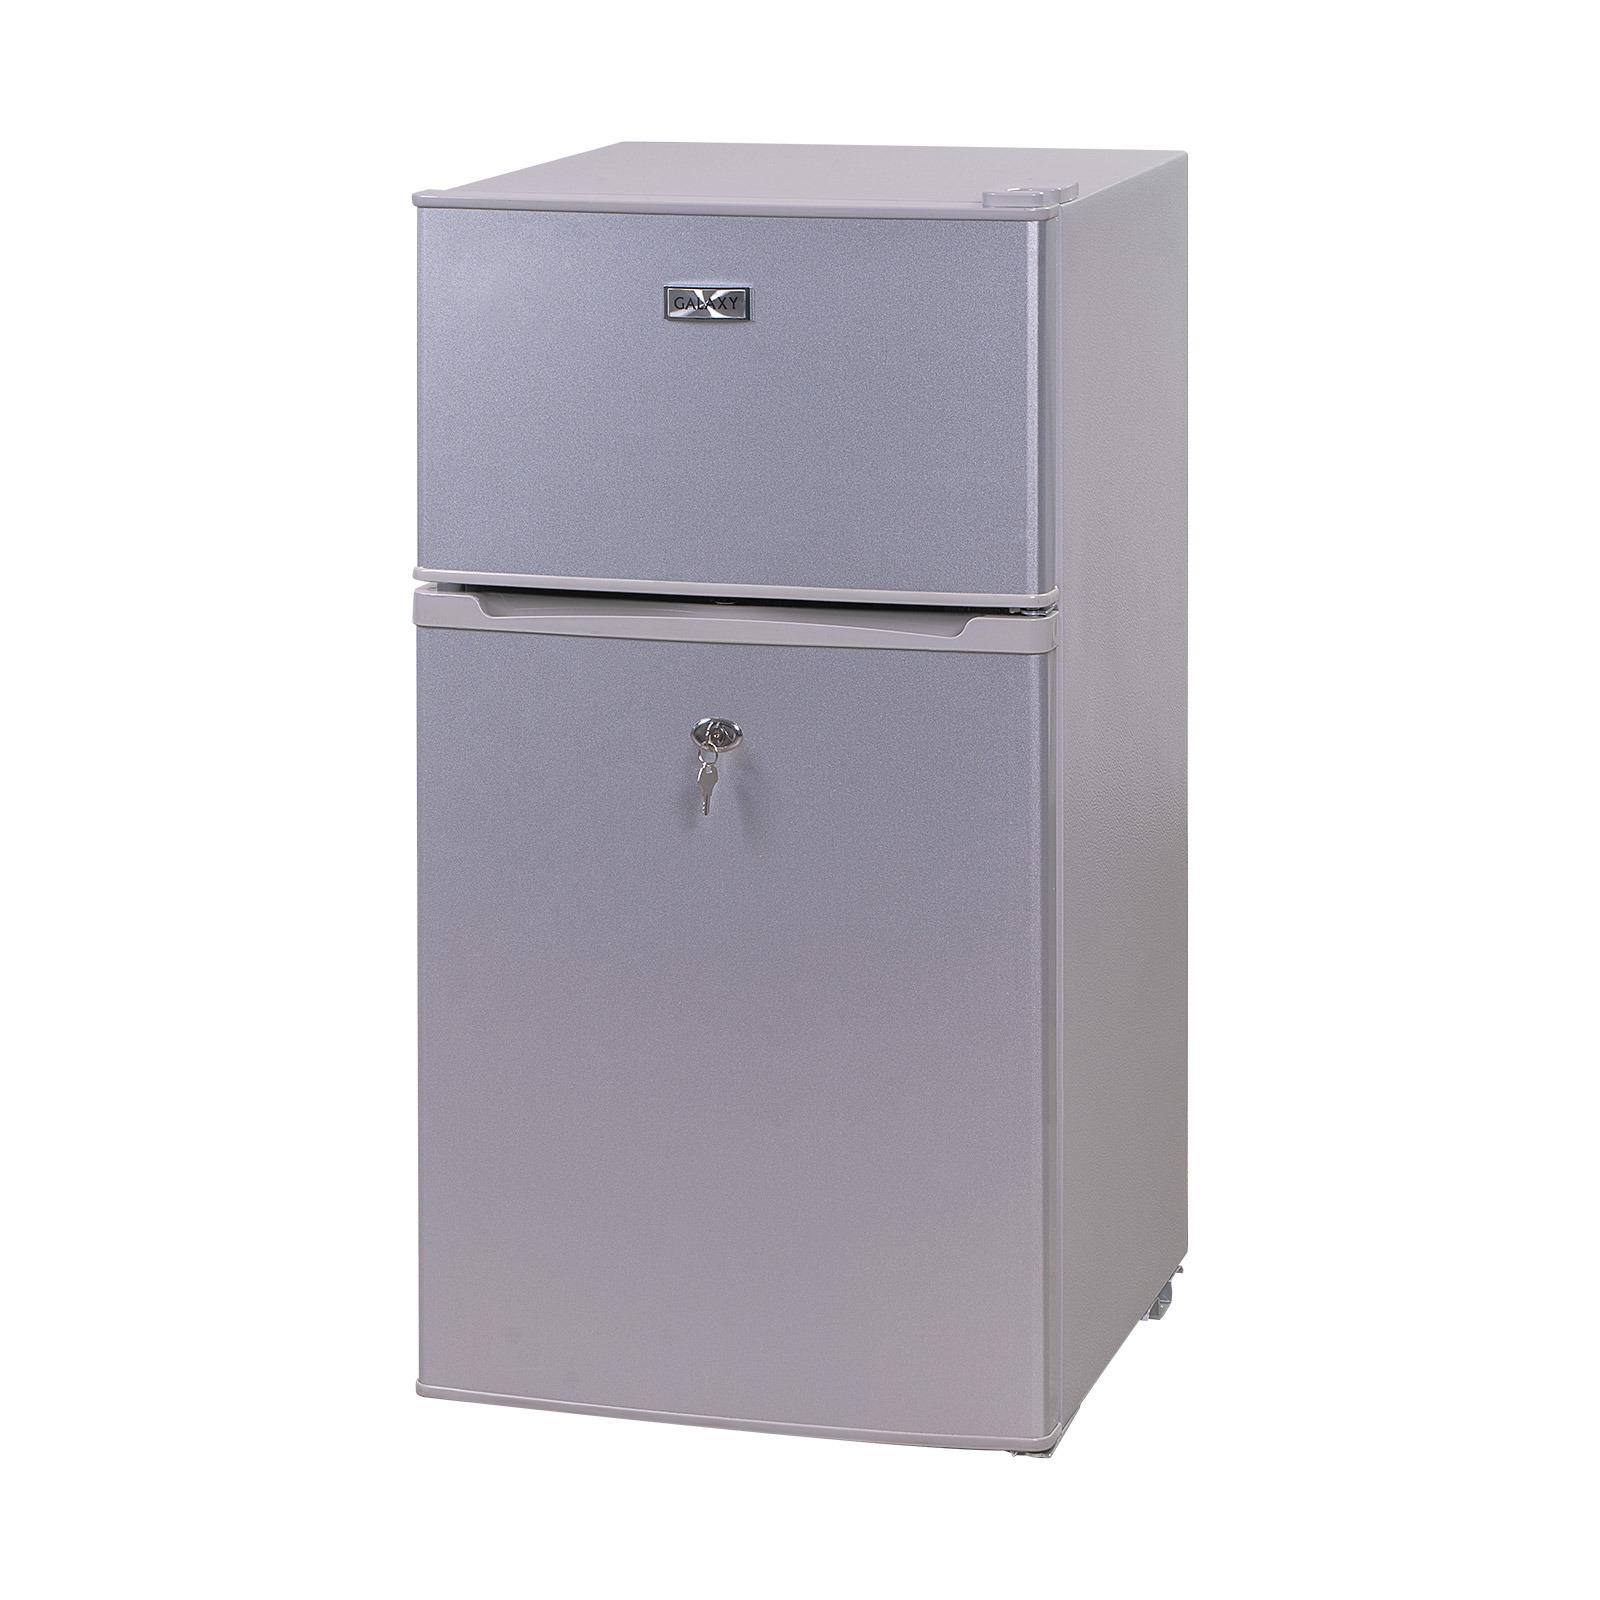 Фото - Холодильник Galaxy GL3121, серебристый холодильники